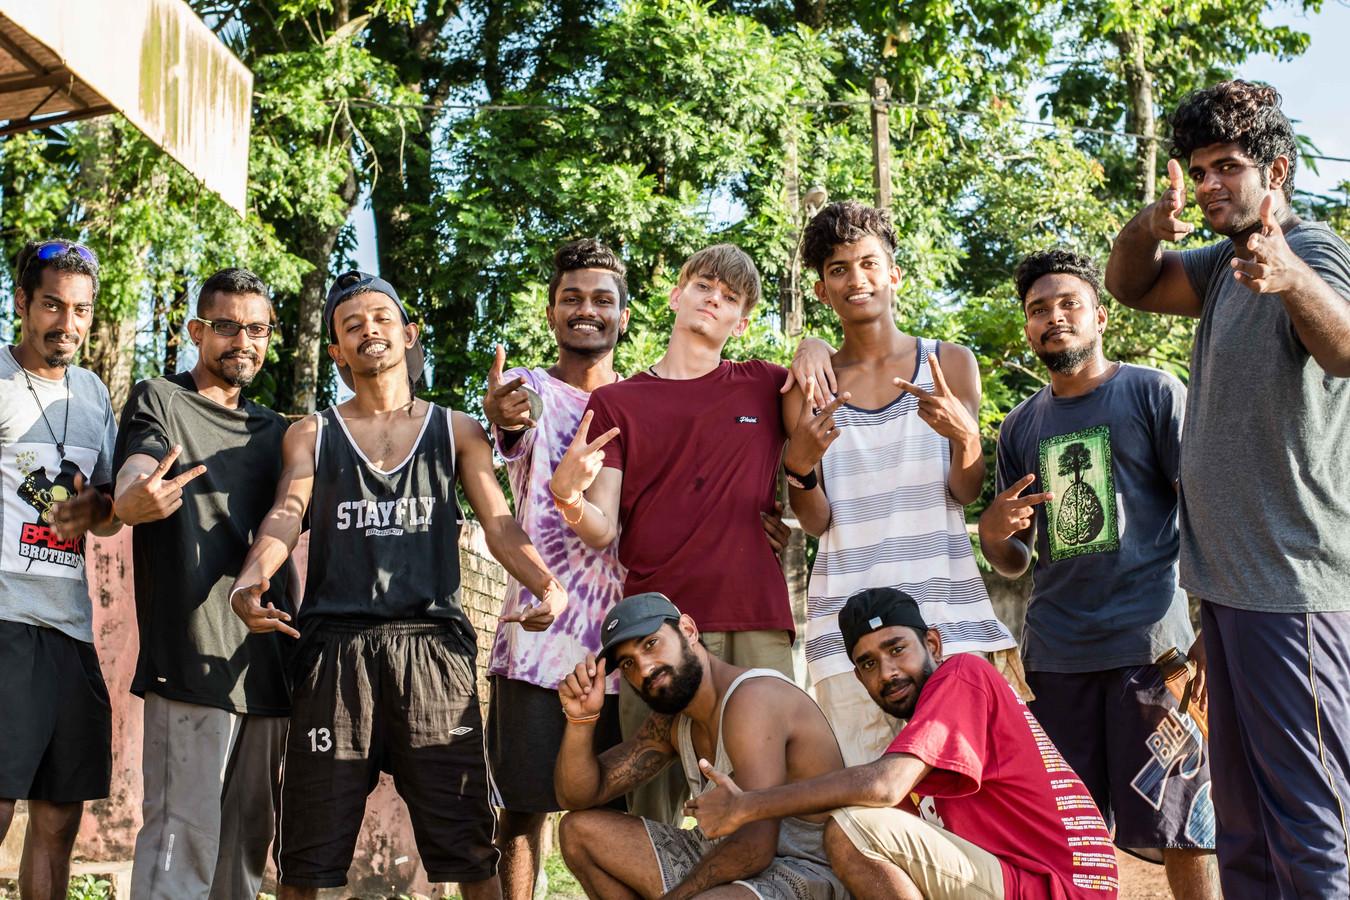 Bboys uit Nederland en Sri Lanka bij elkaar in Colombo. 'Breakdance verbroedert'.